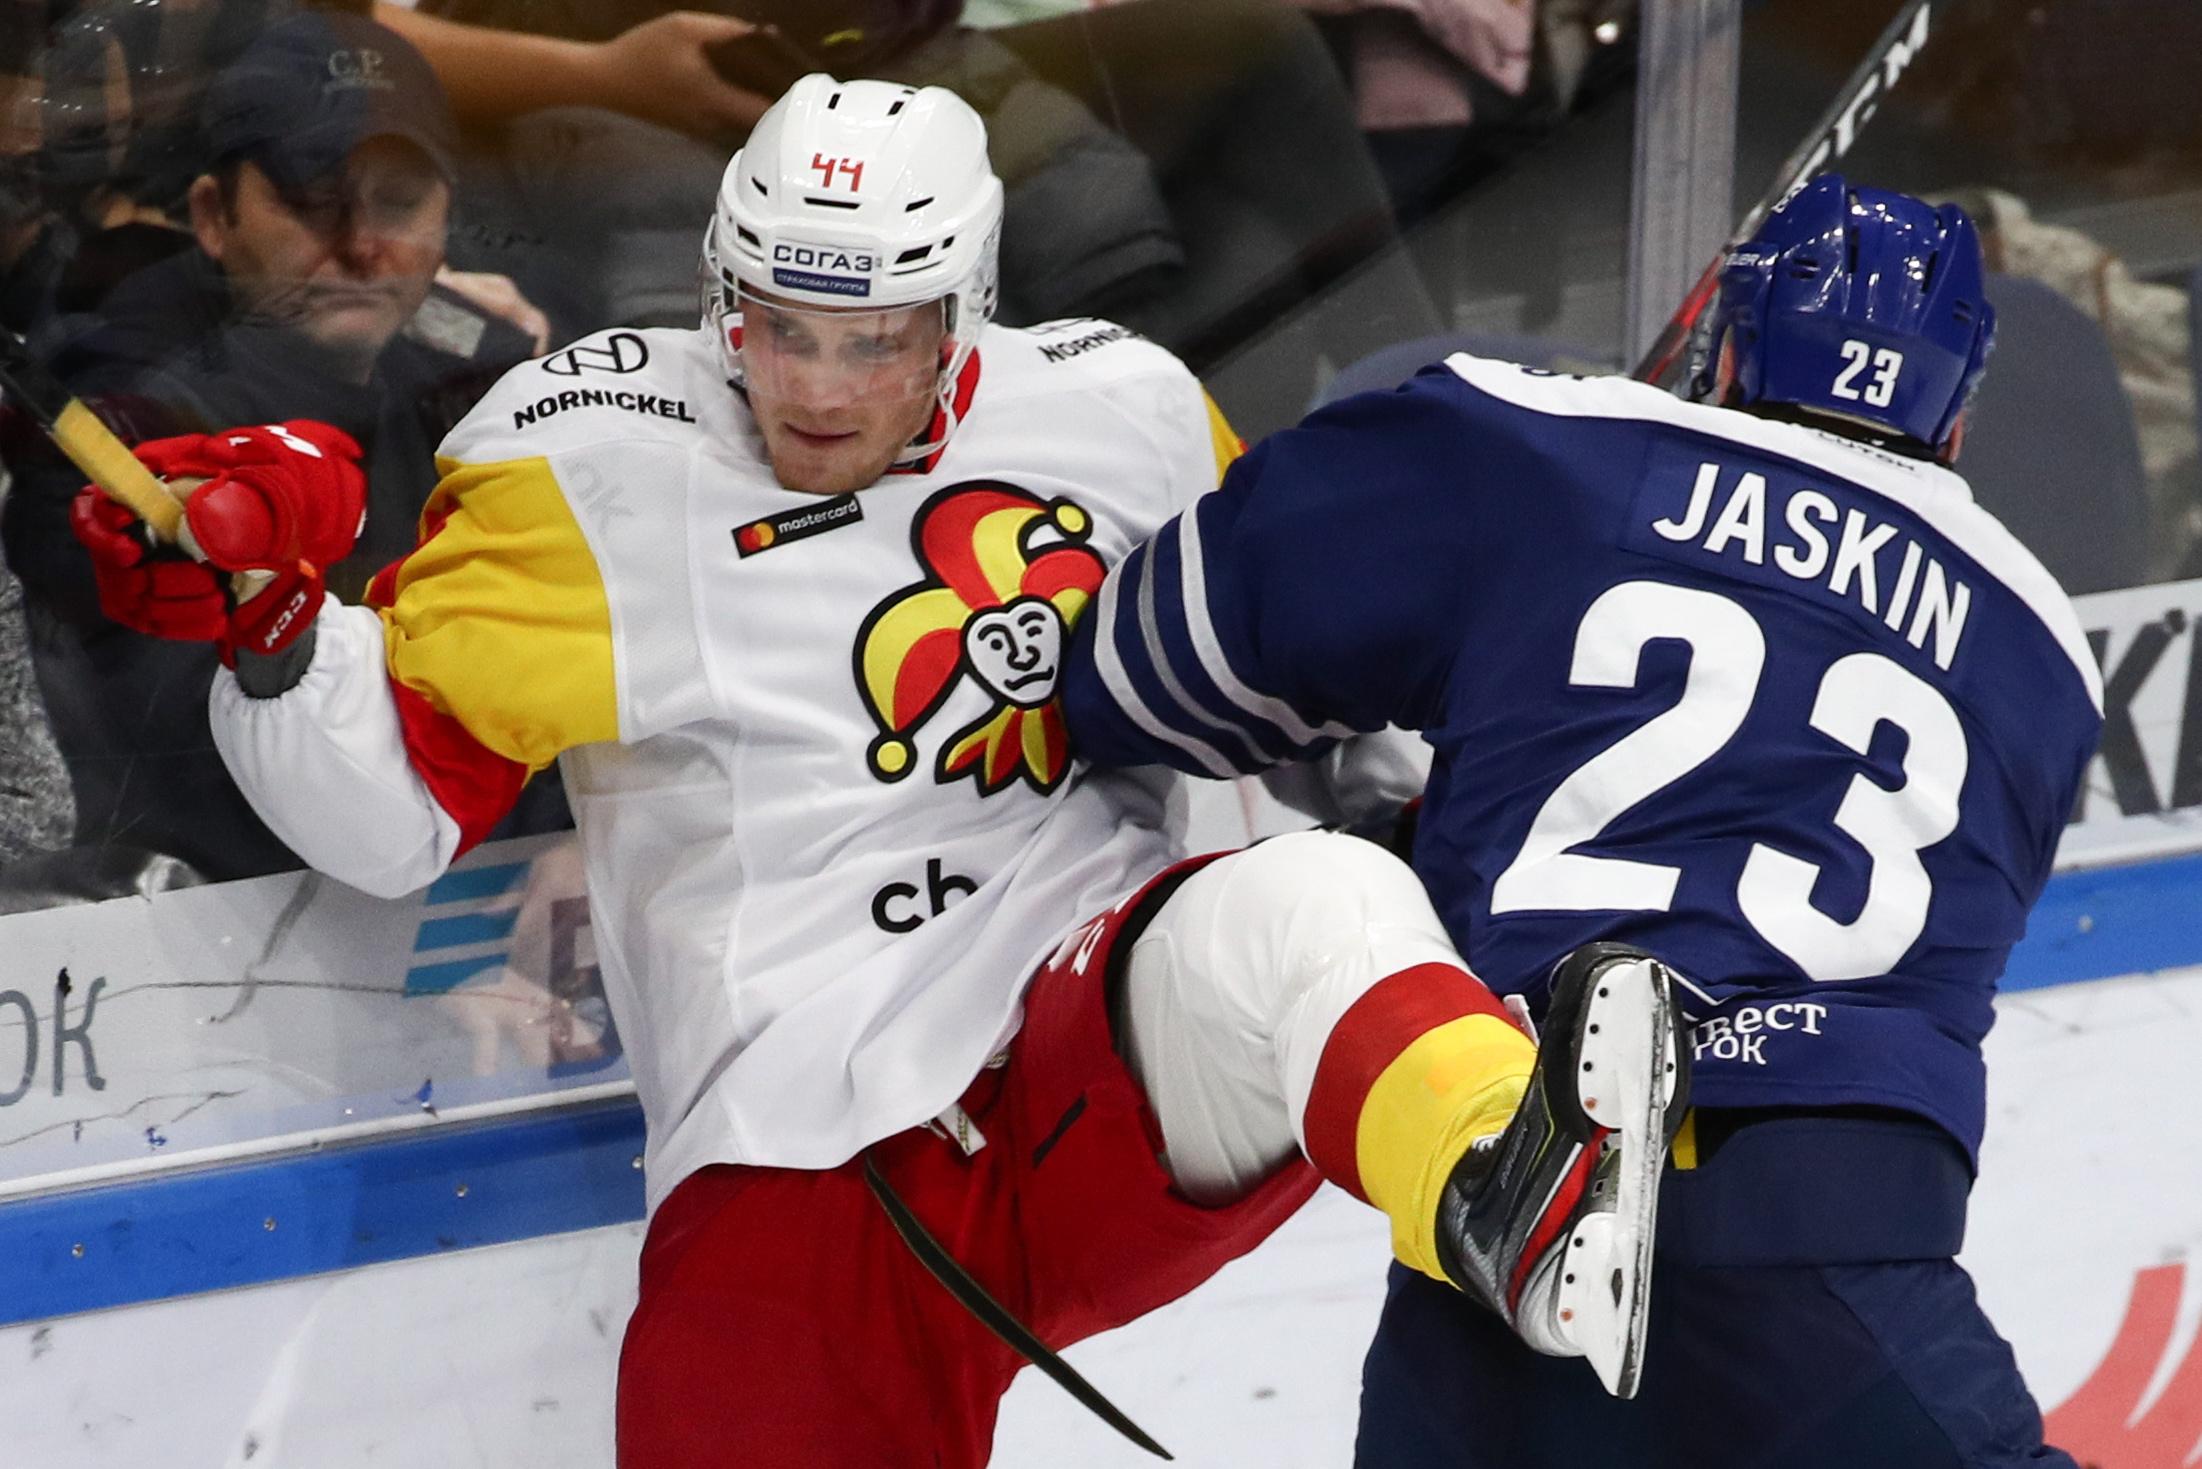 Kontinental Hockey League: Dynamo Moscow vs Jokerit Helsinki